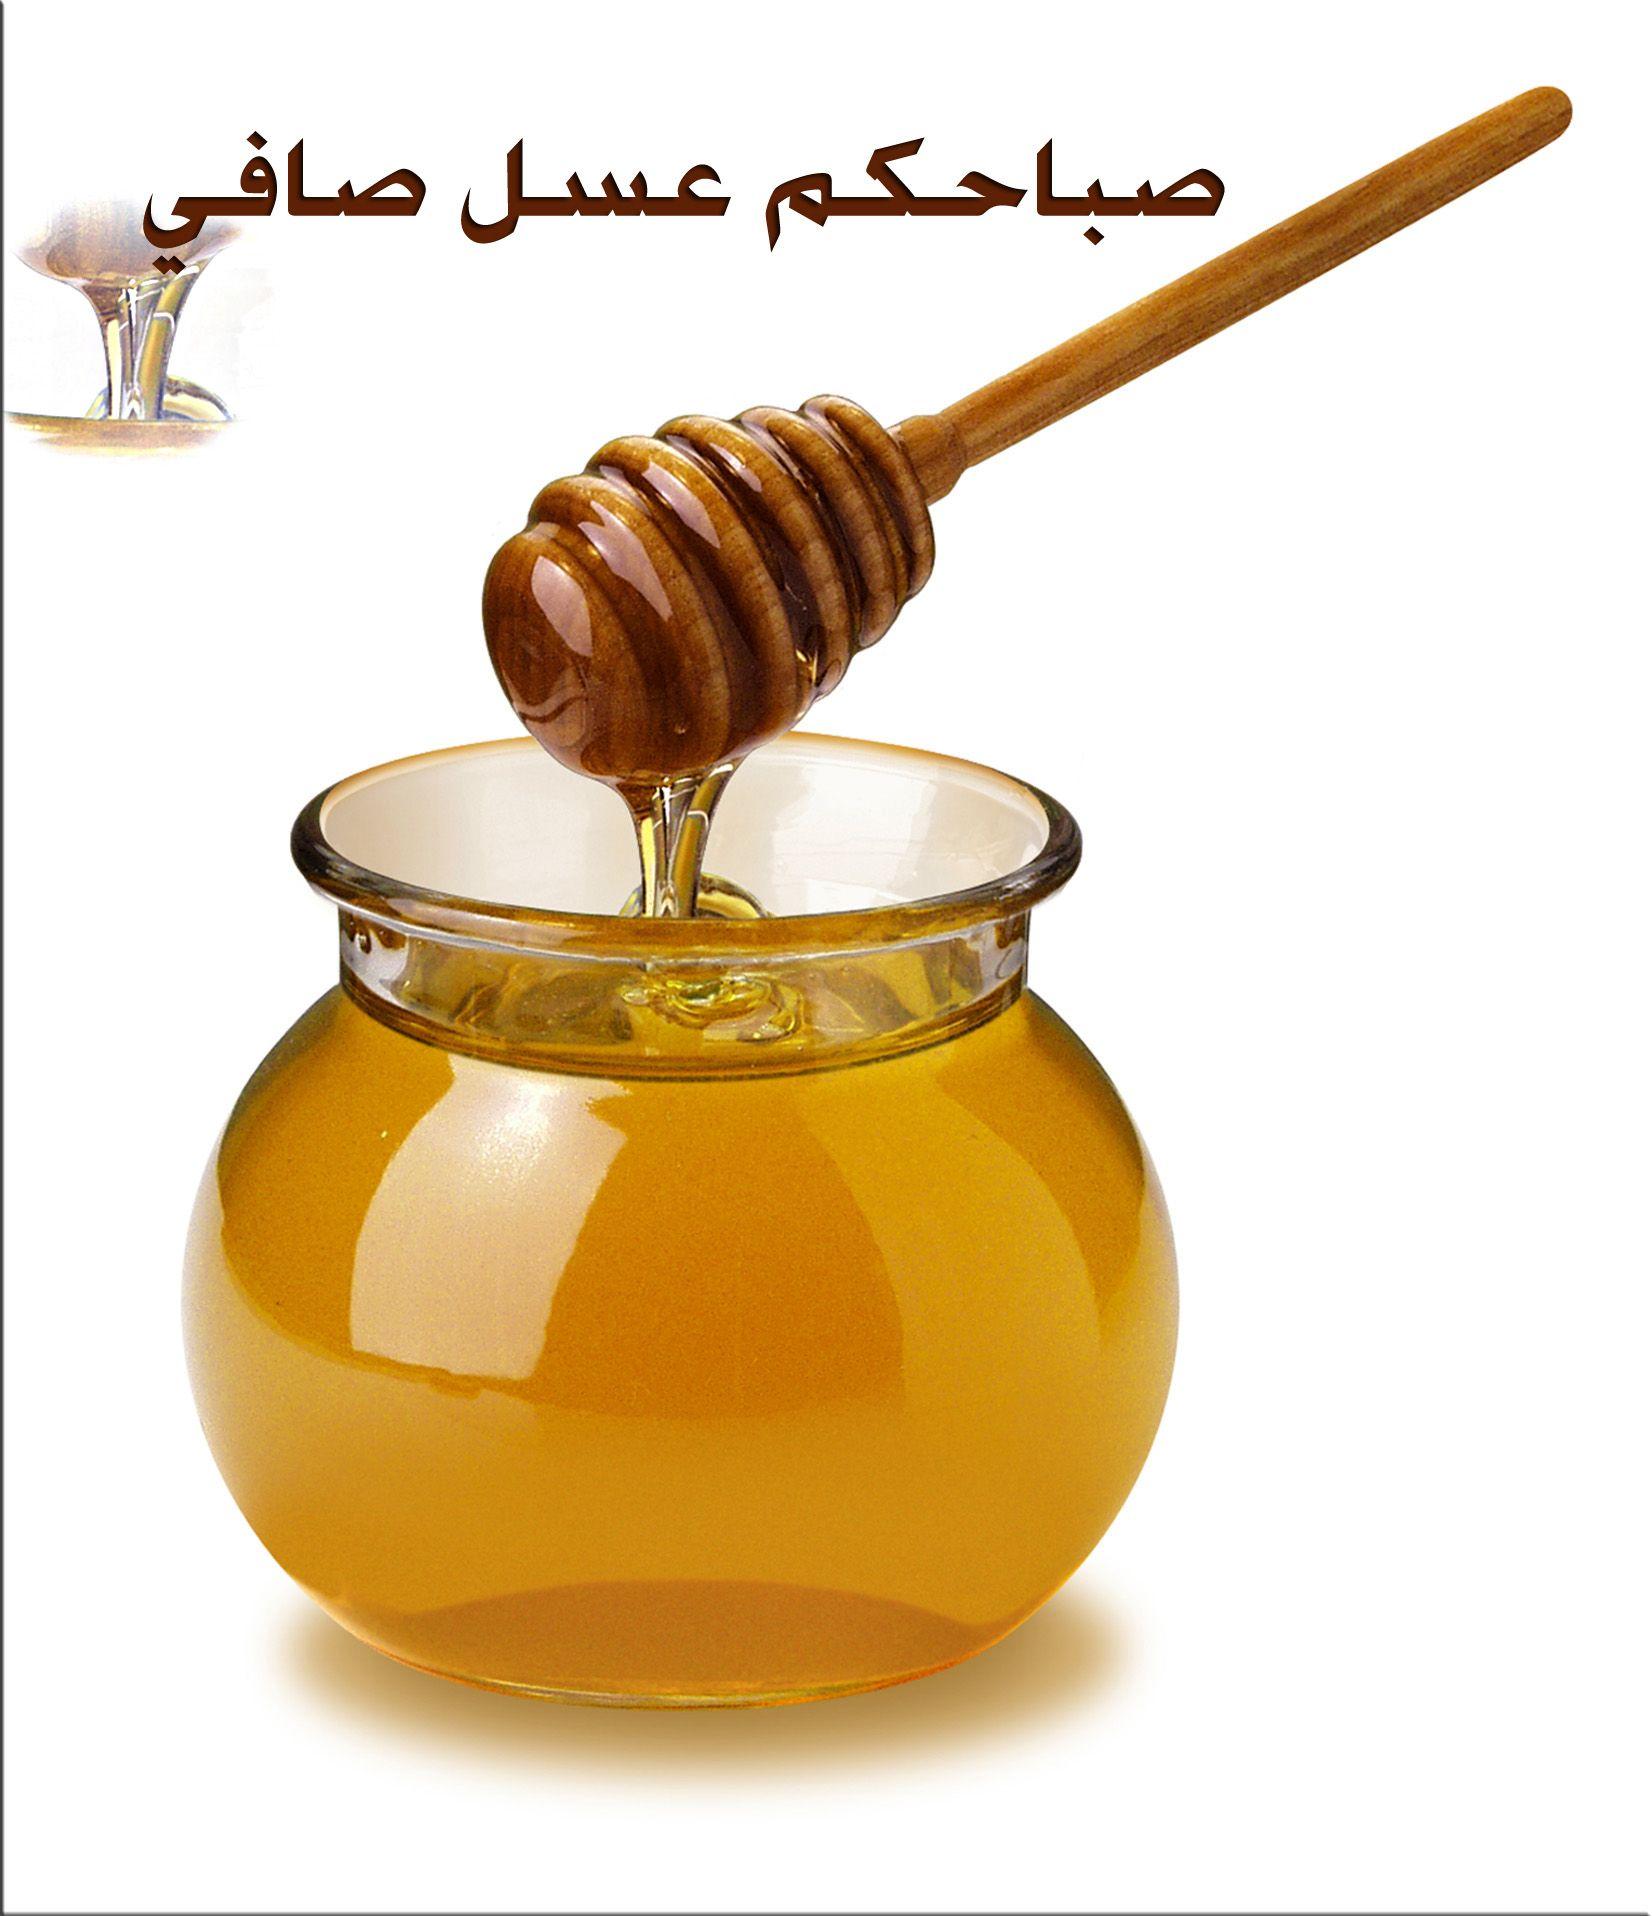 صوره صور صباح العسل , صباحكم العسل بالصور